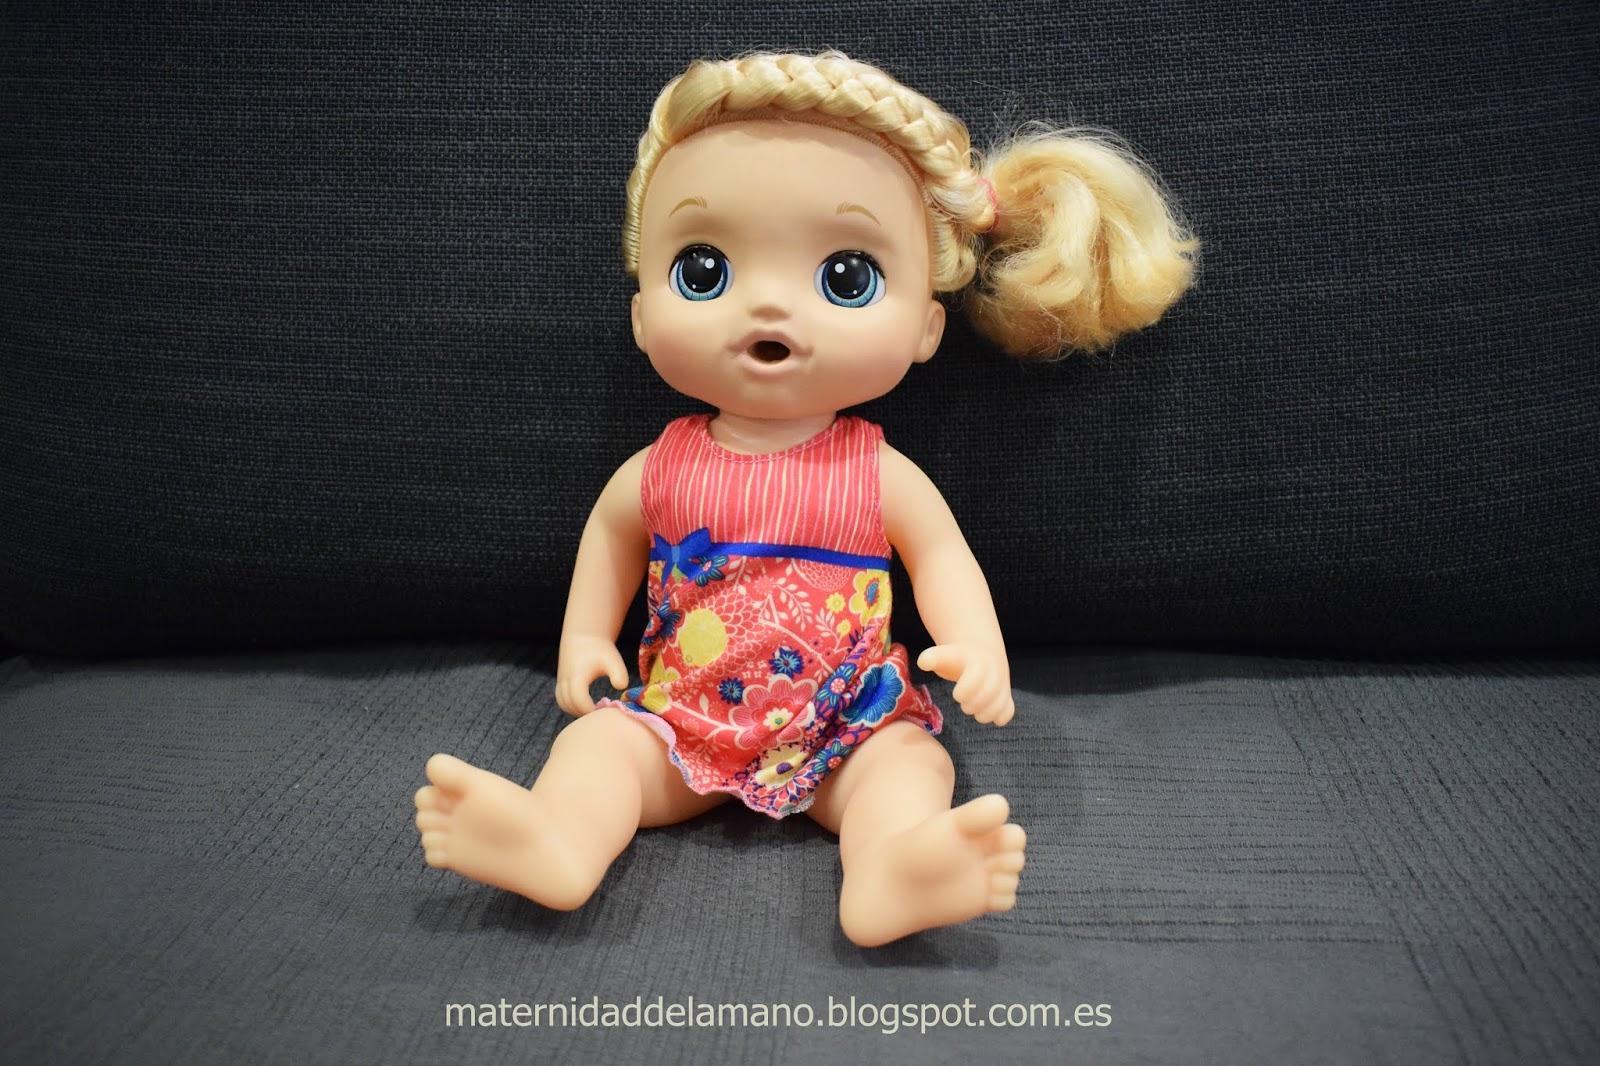 fd184ba9f0 Maternidad de la mano  Muñeca Baby Alive mimos y cuidados